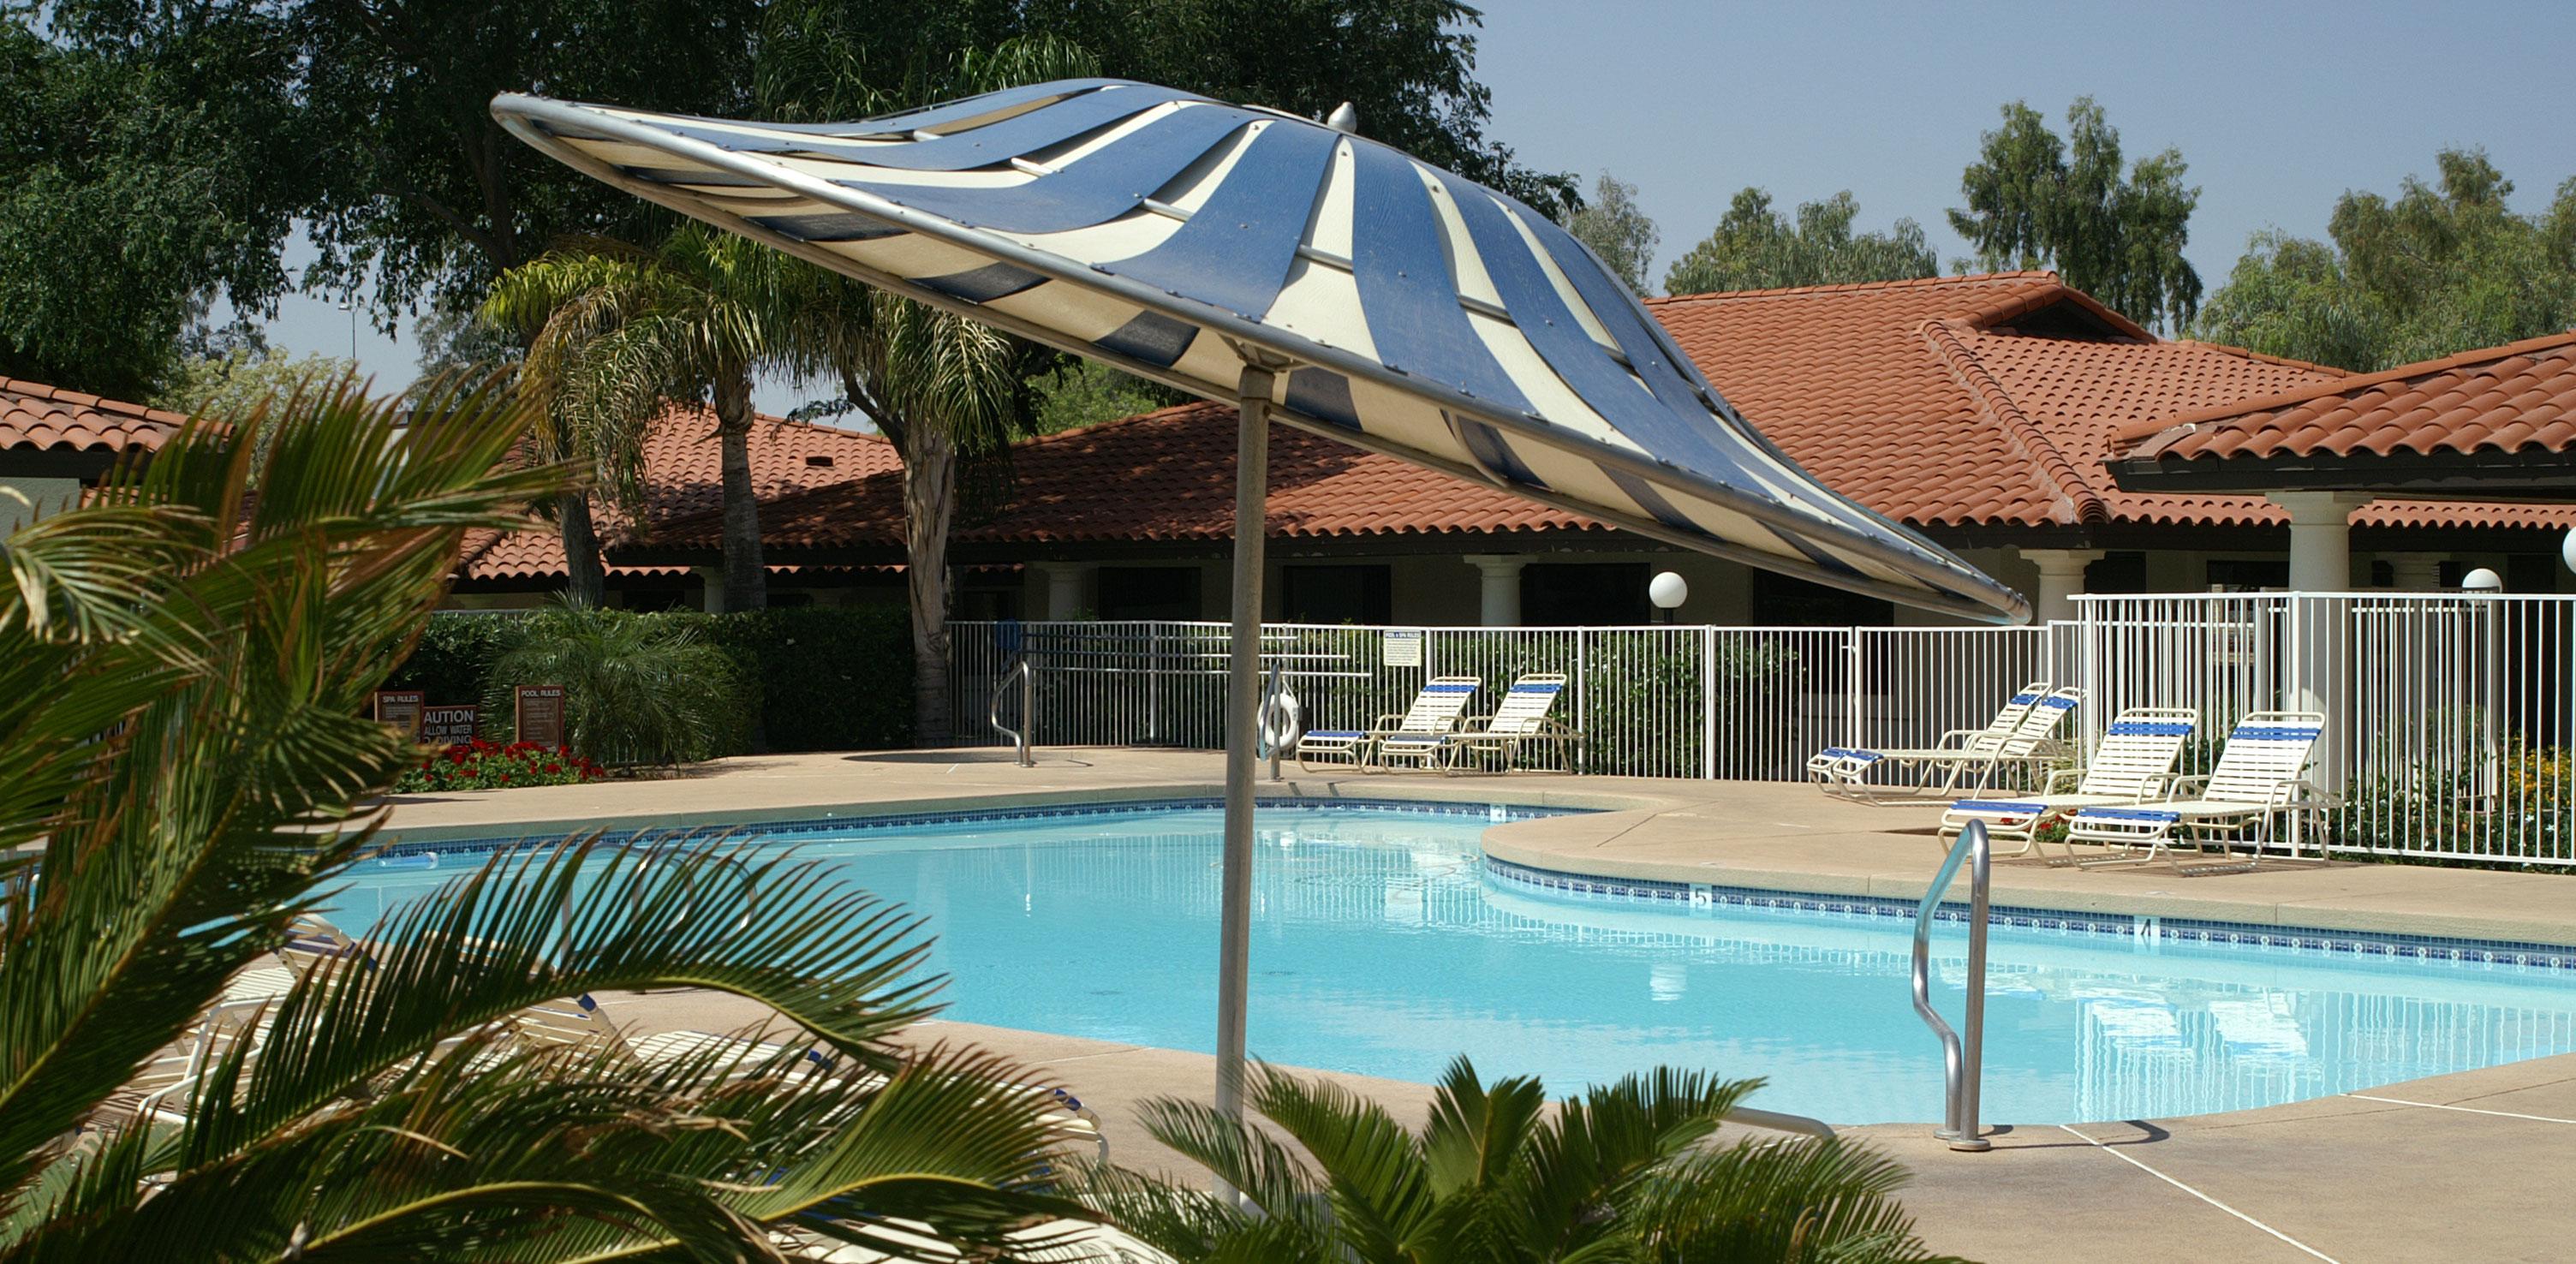 Apache Junction Rv Resort Arizona Rv Resort